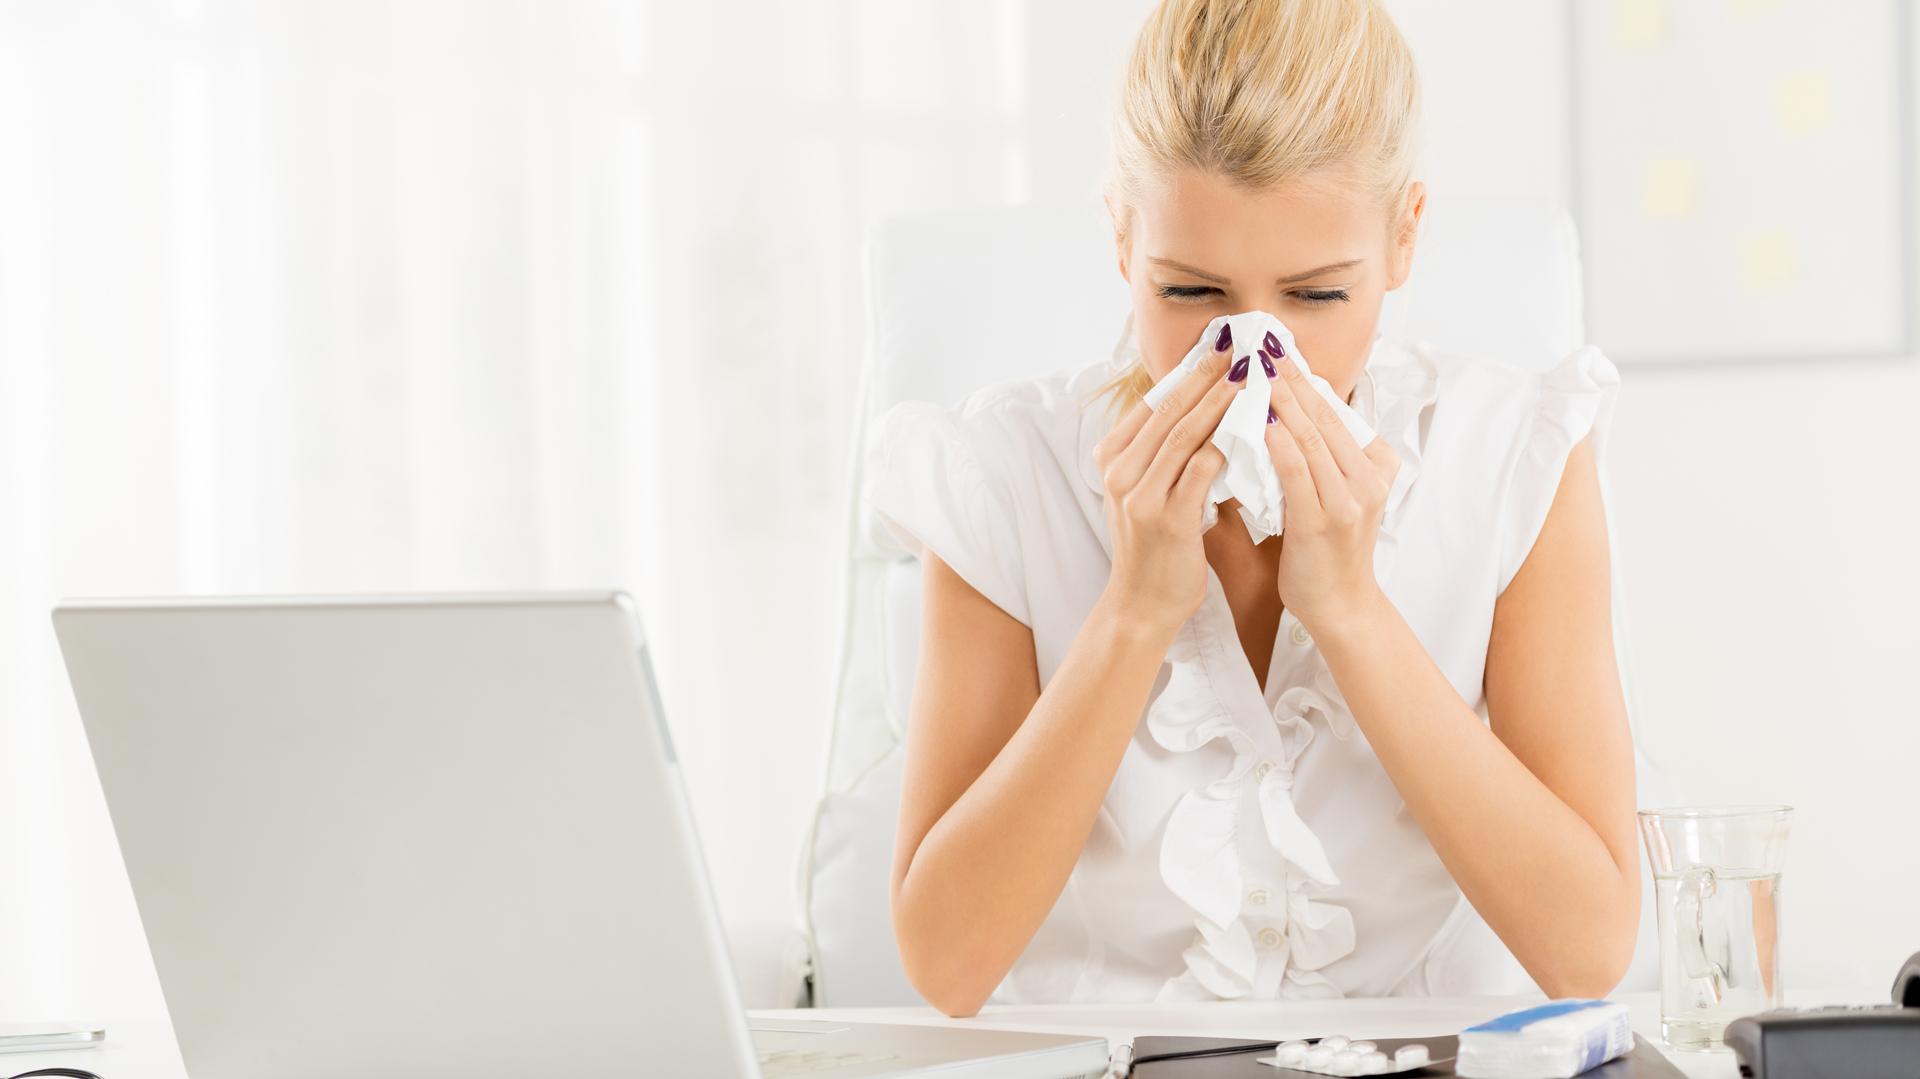 Resfríos, catarros, anginas, dolores musculares y articulares son algunas de las consecuencias del cambio brusco de temperaturas (Getty)